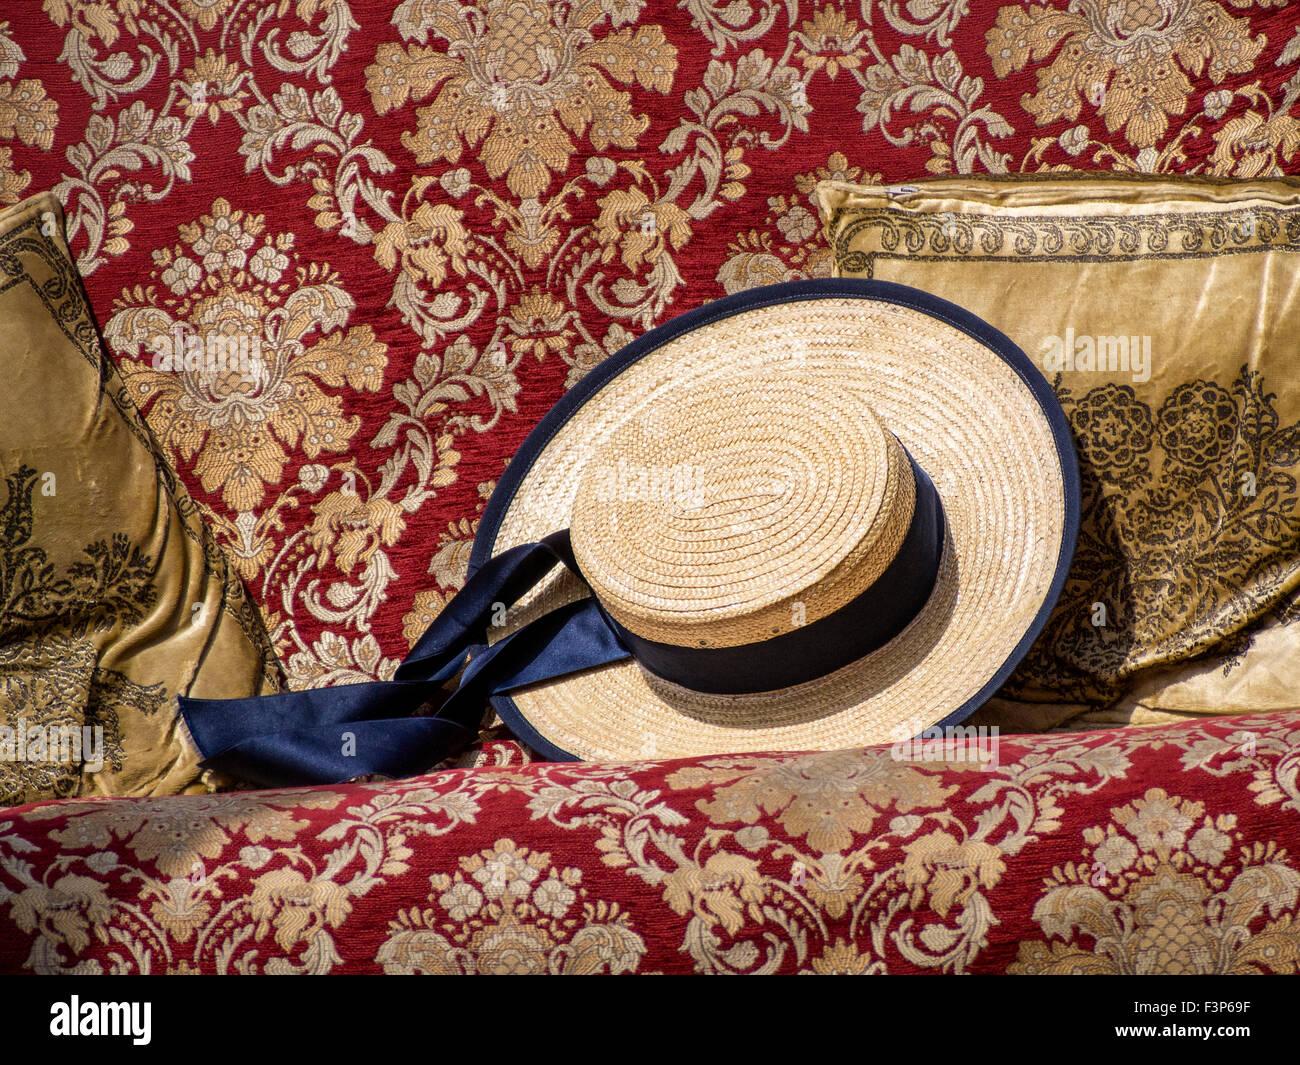 Venecia  sombrero de paja pertenecientes a Gondolero sentando en el asiento  en góndola en Venecia 7387f69ecc6